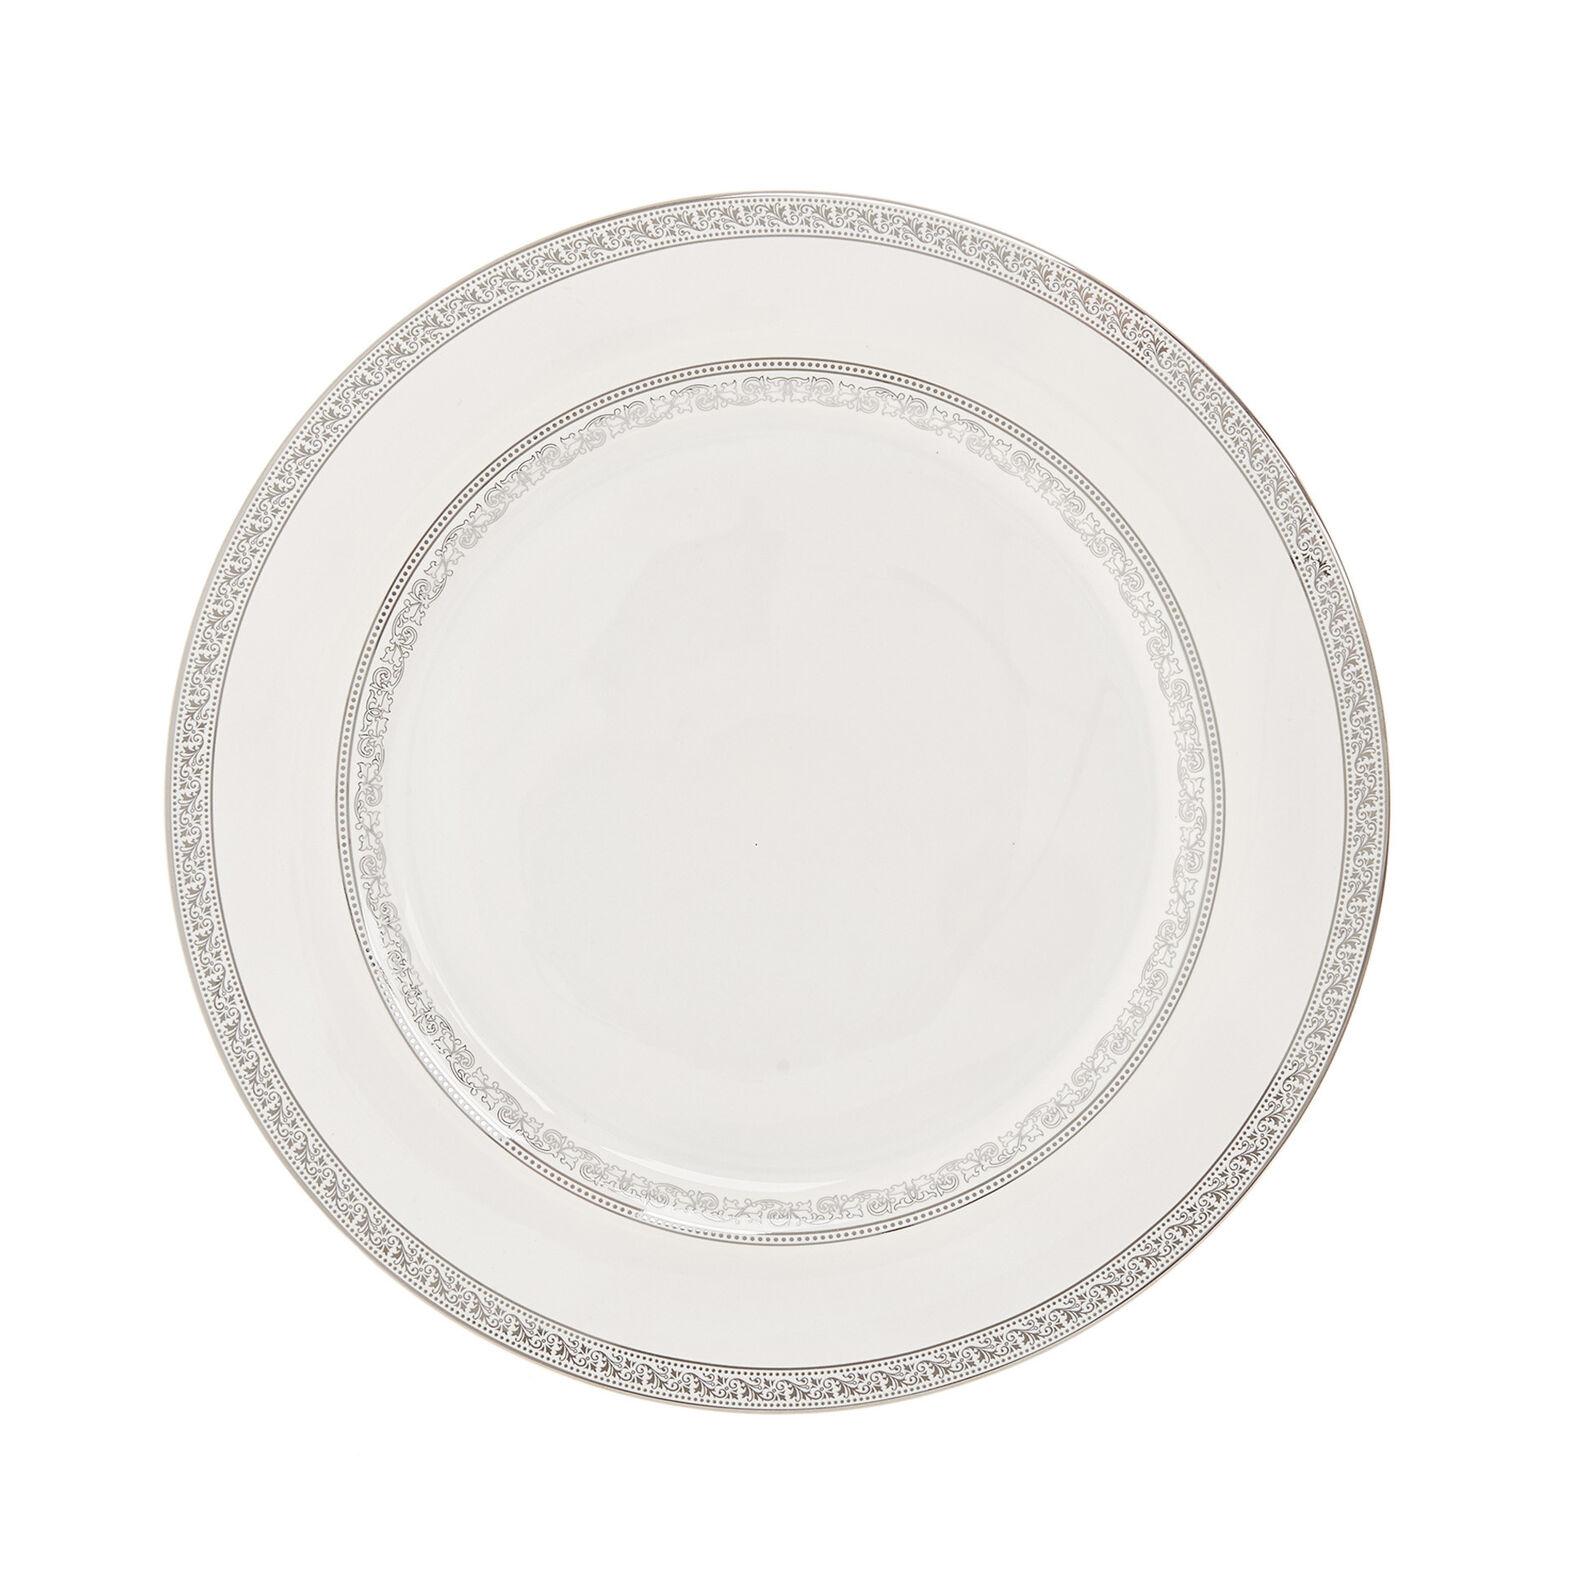 Piatto da portata new bone china con decoro